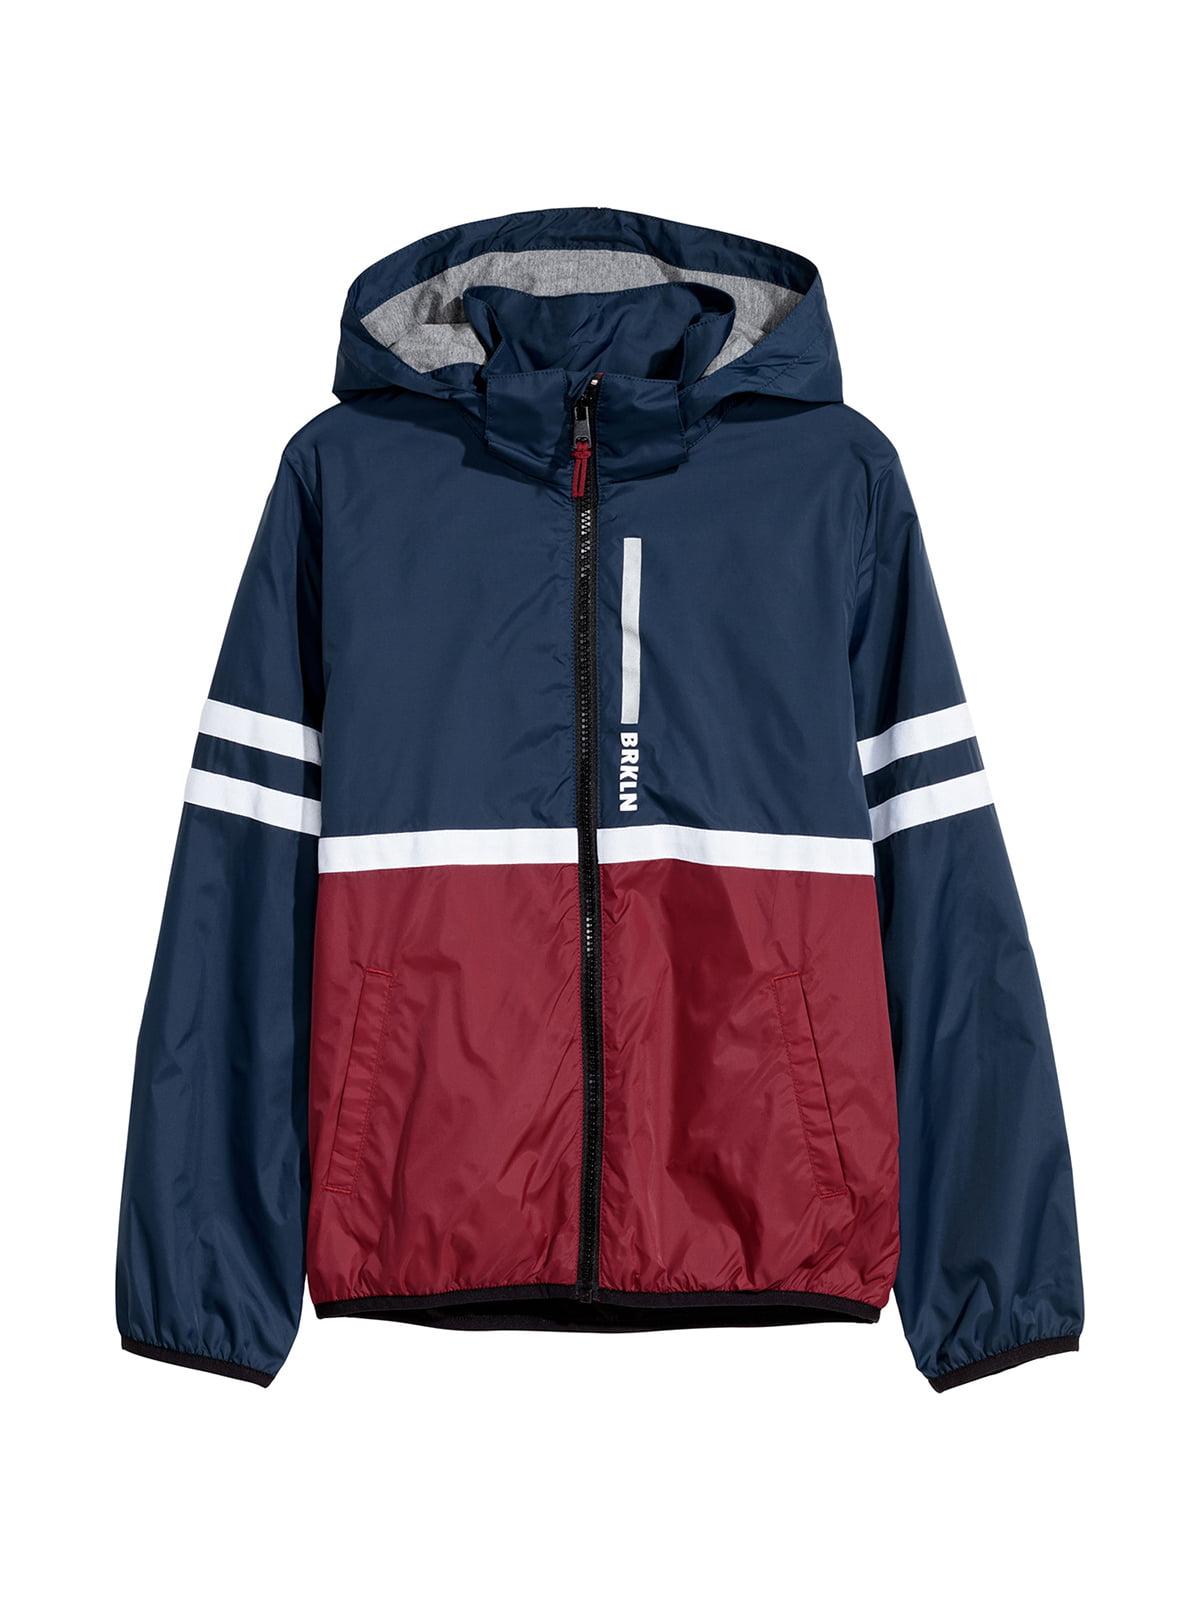 Куртка сине-красная | 5047503 | фото 2